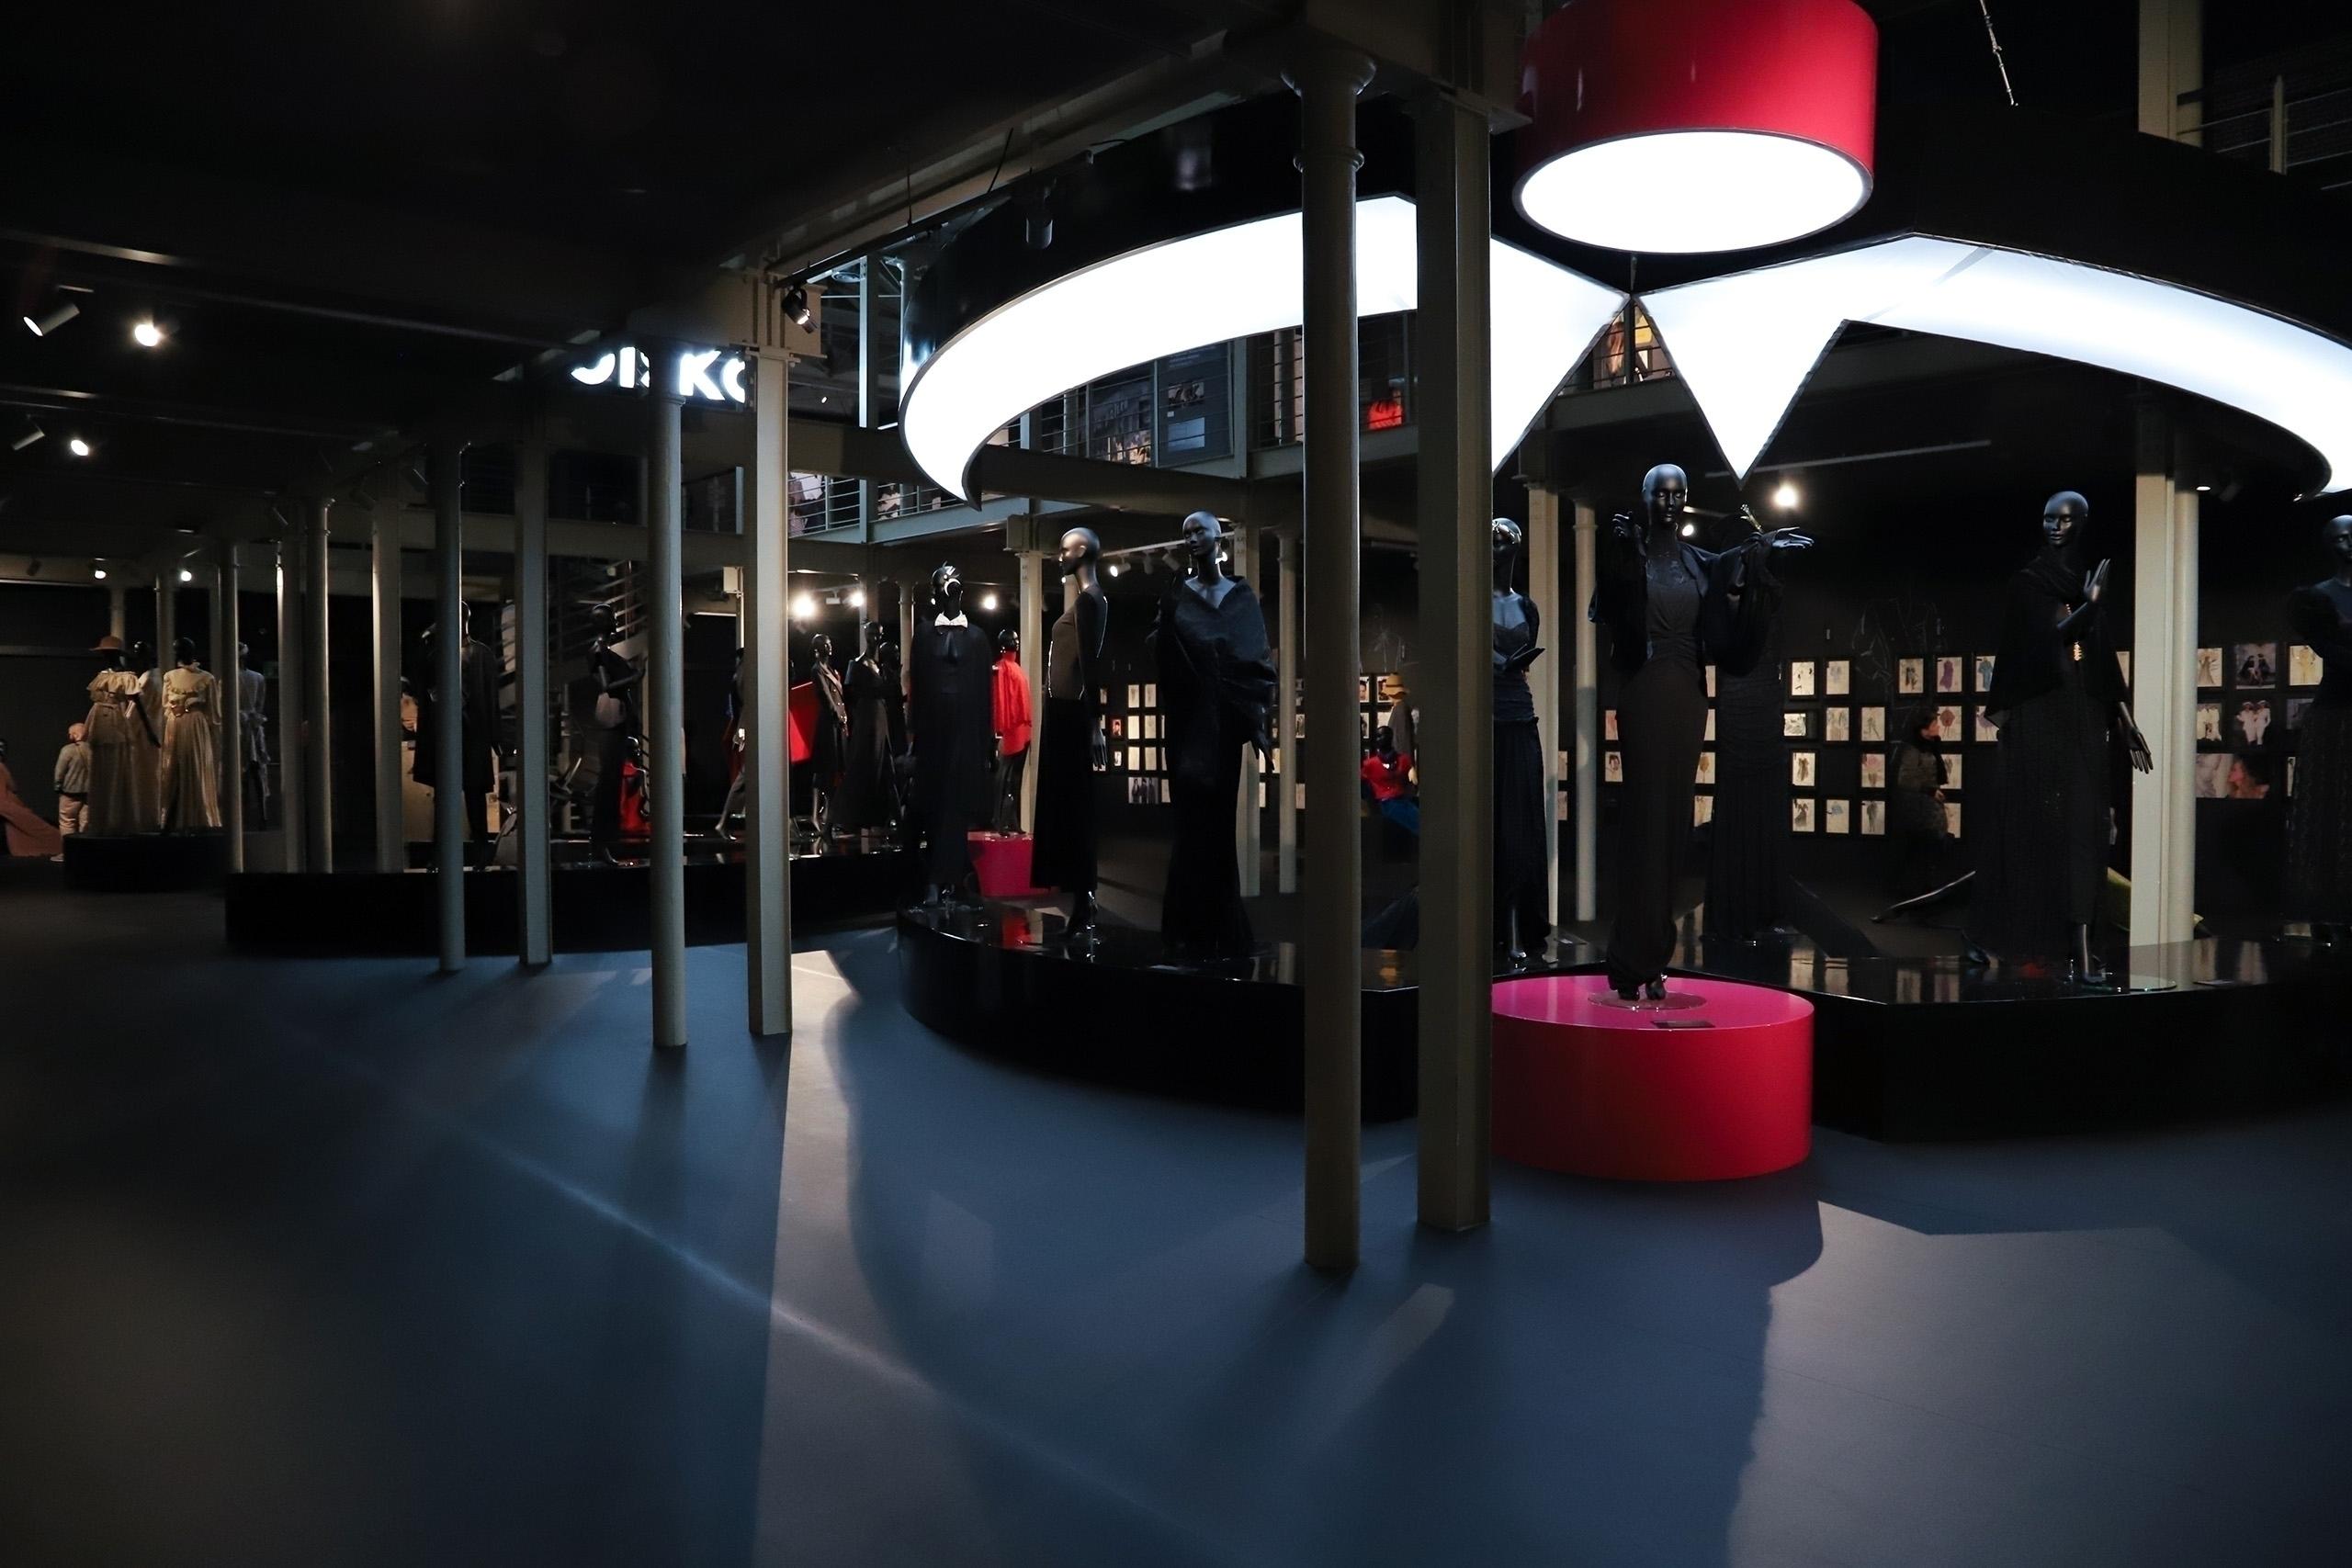 Zdjęcie przedstawia ciemną przestrzeń muzeum.